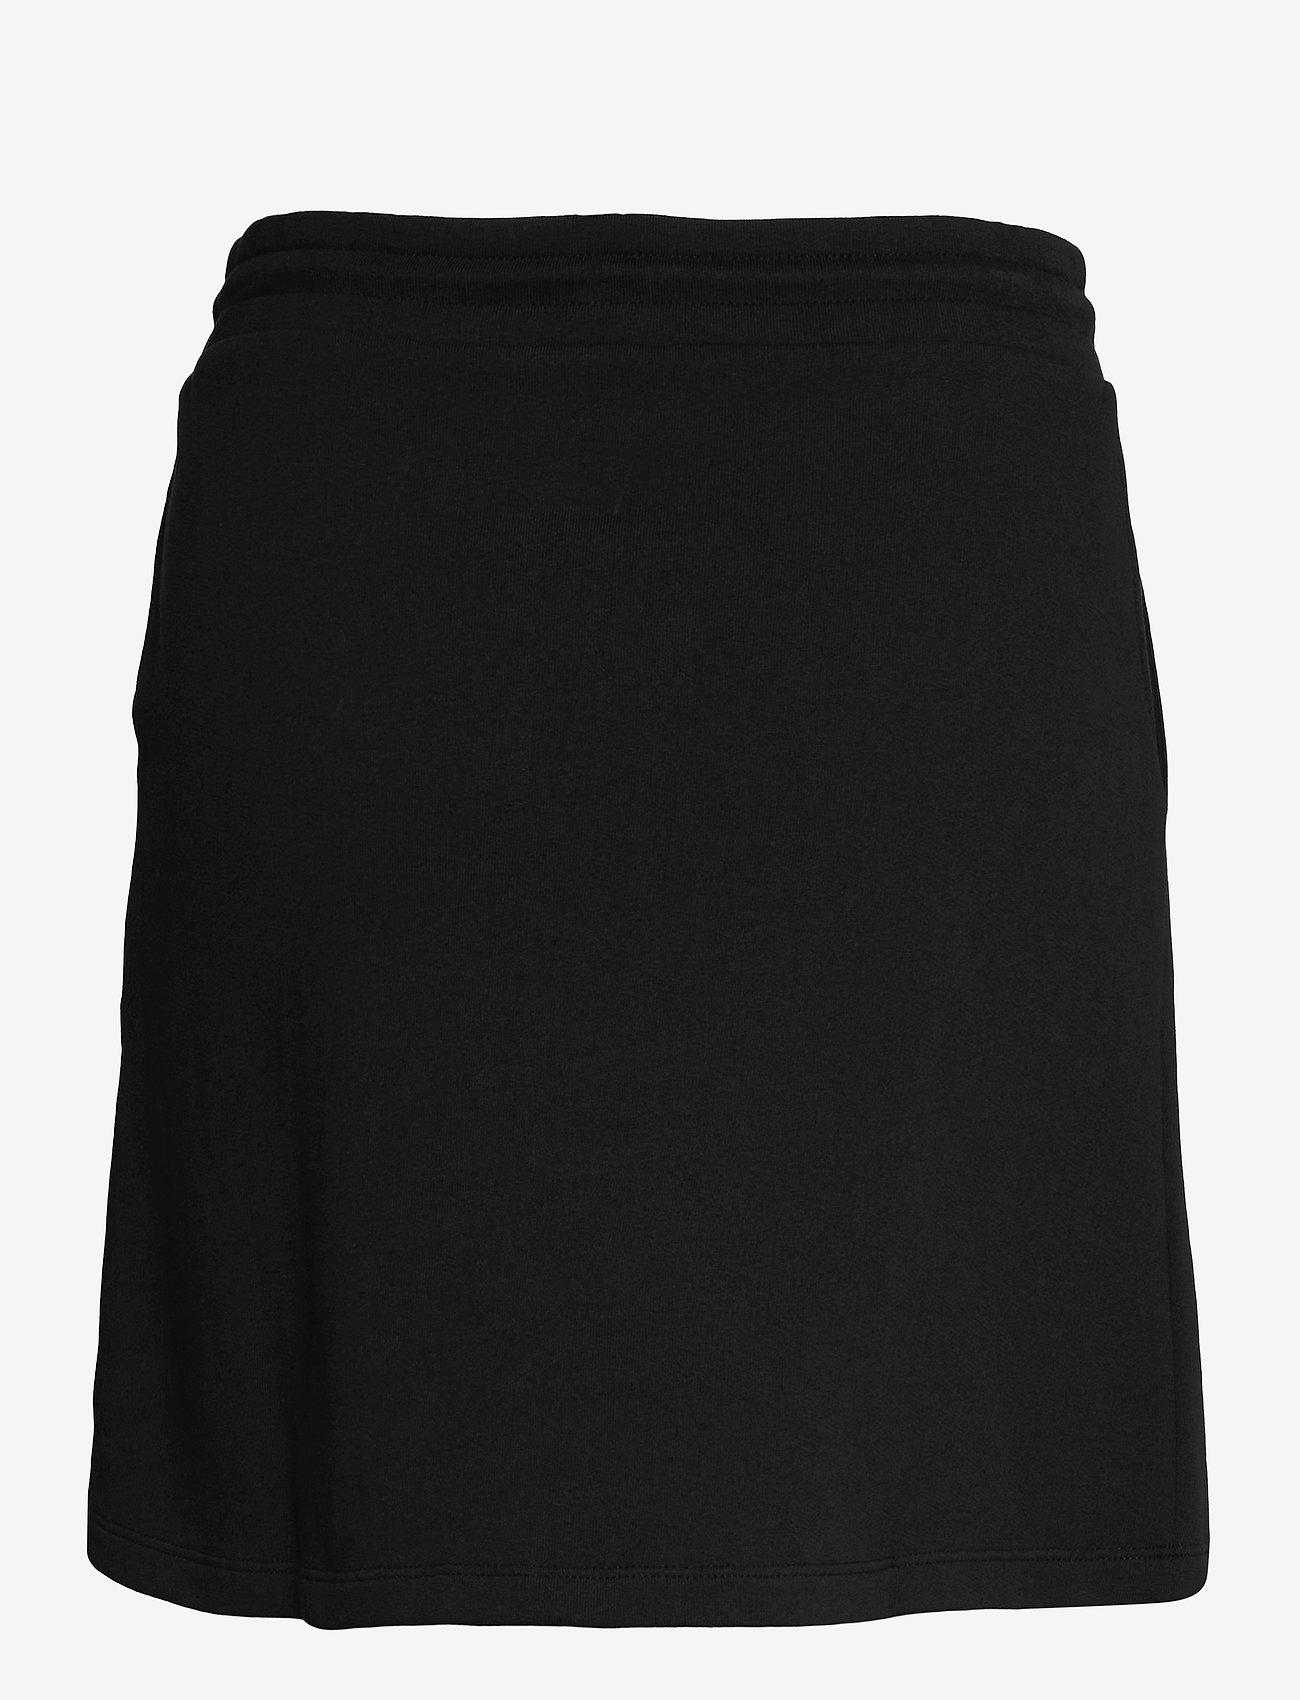 EDC by Esprit - Skirts knitted - korta kjolar - black - 1